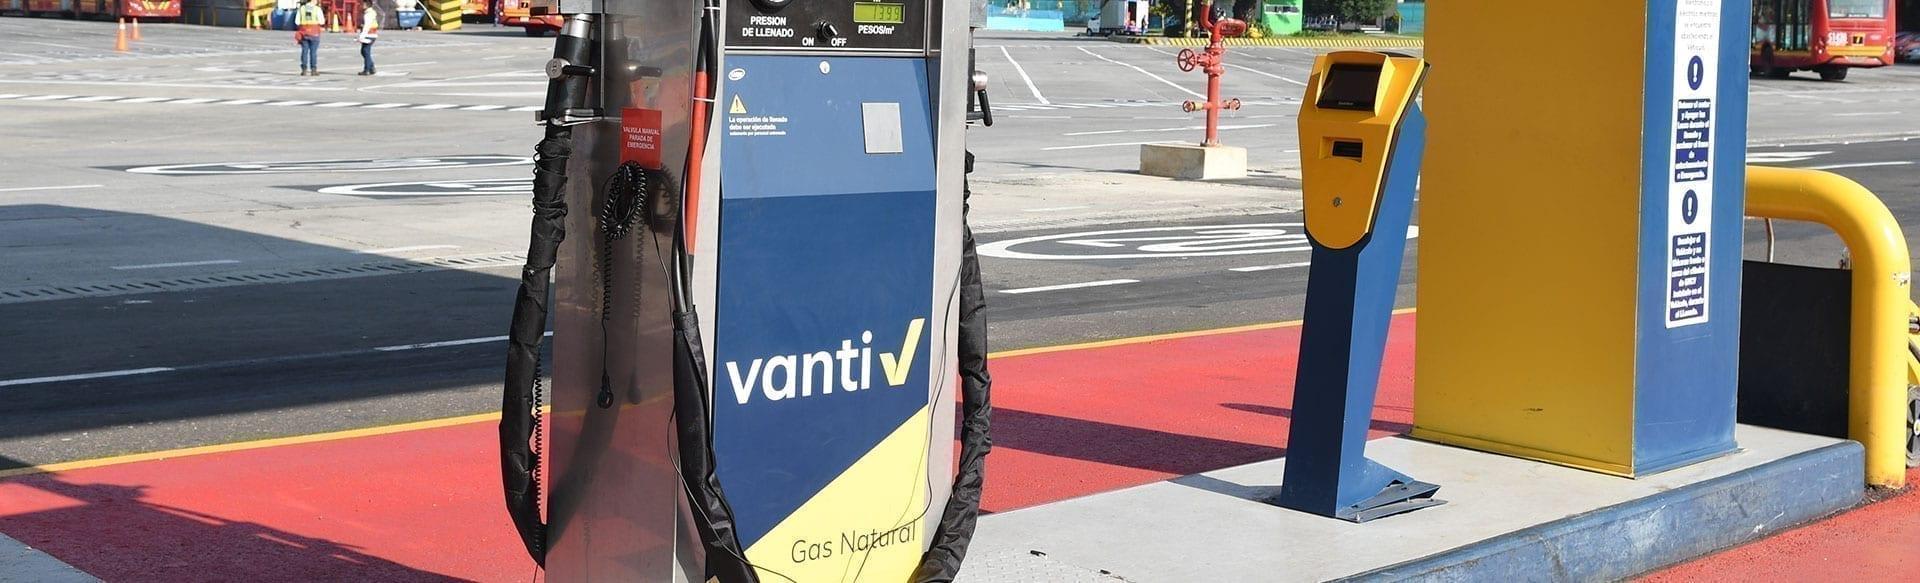 Grupo Vanti Tanquea en nuestra red de estaciones de servicio